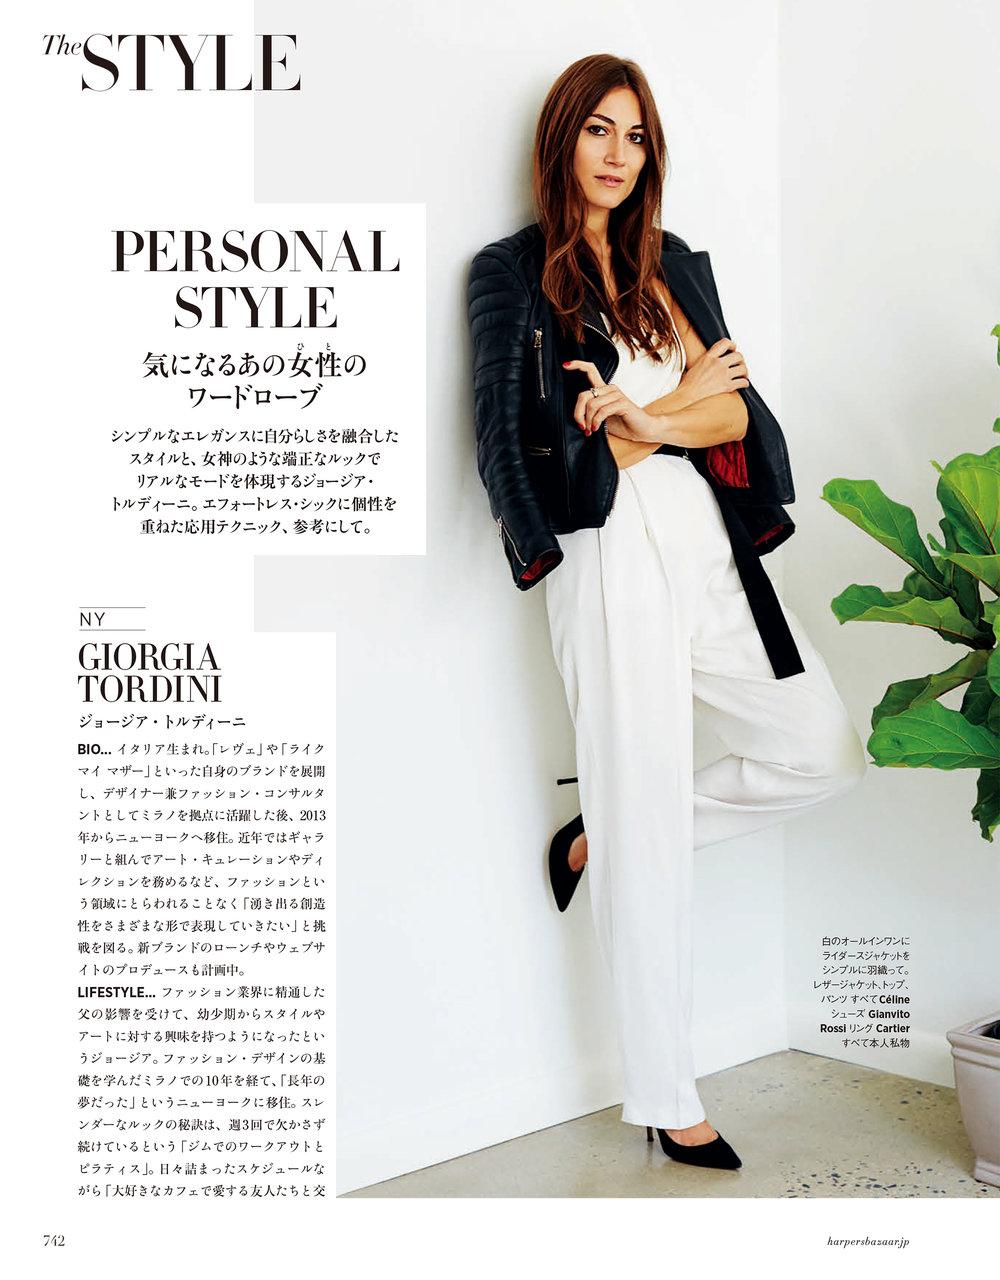 HBJ Personal Style (GT)-1.jpg